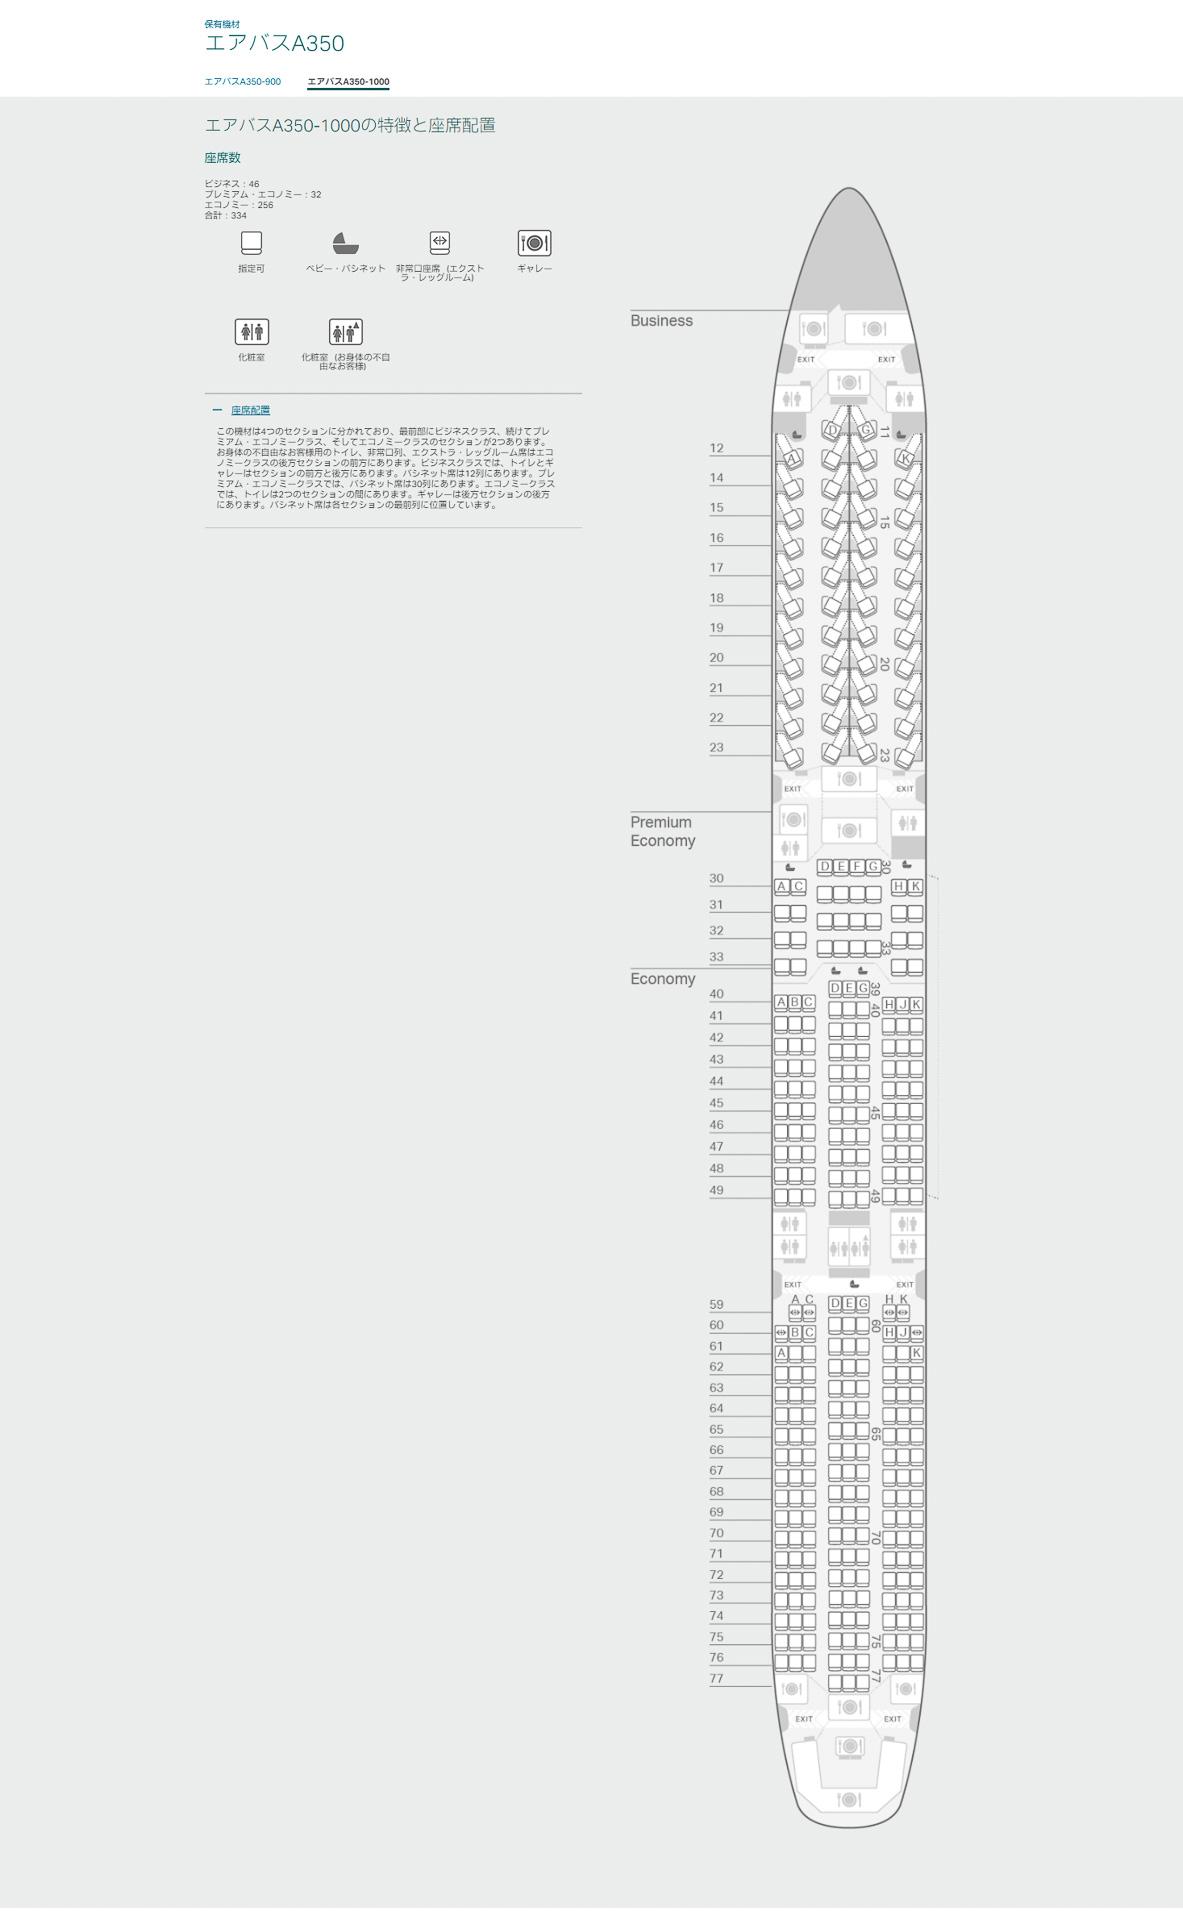 キャセイパシフィック航空のエアバス A350-1000型機シートマップ(同社Webサイトより)